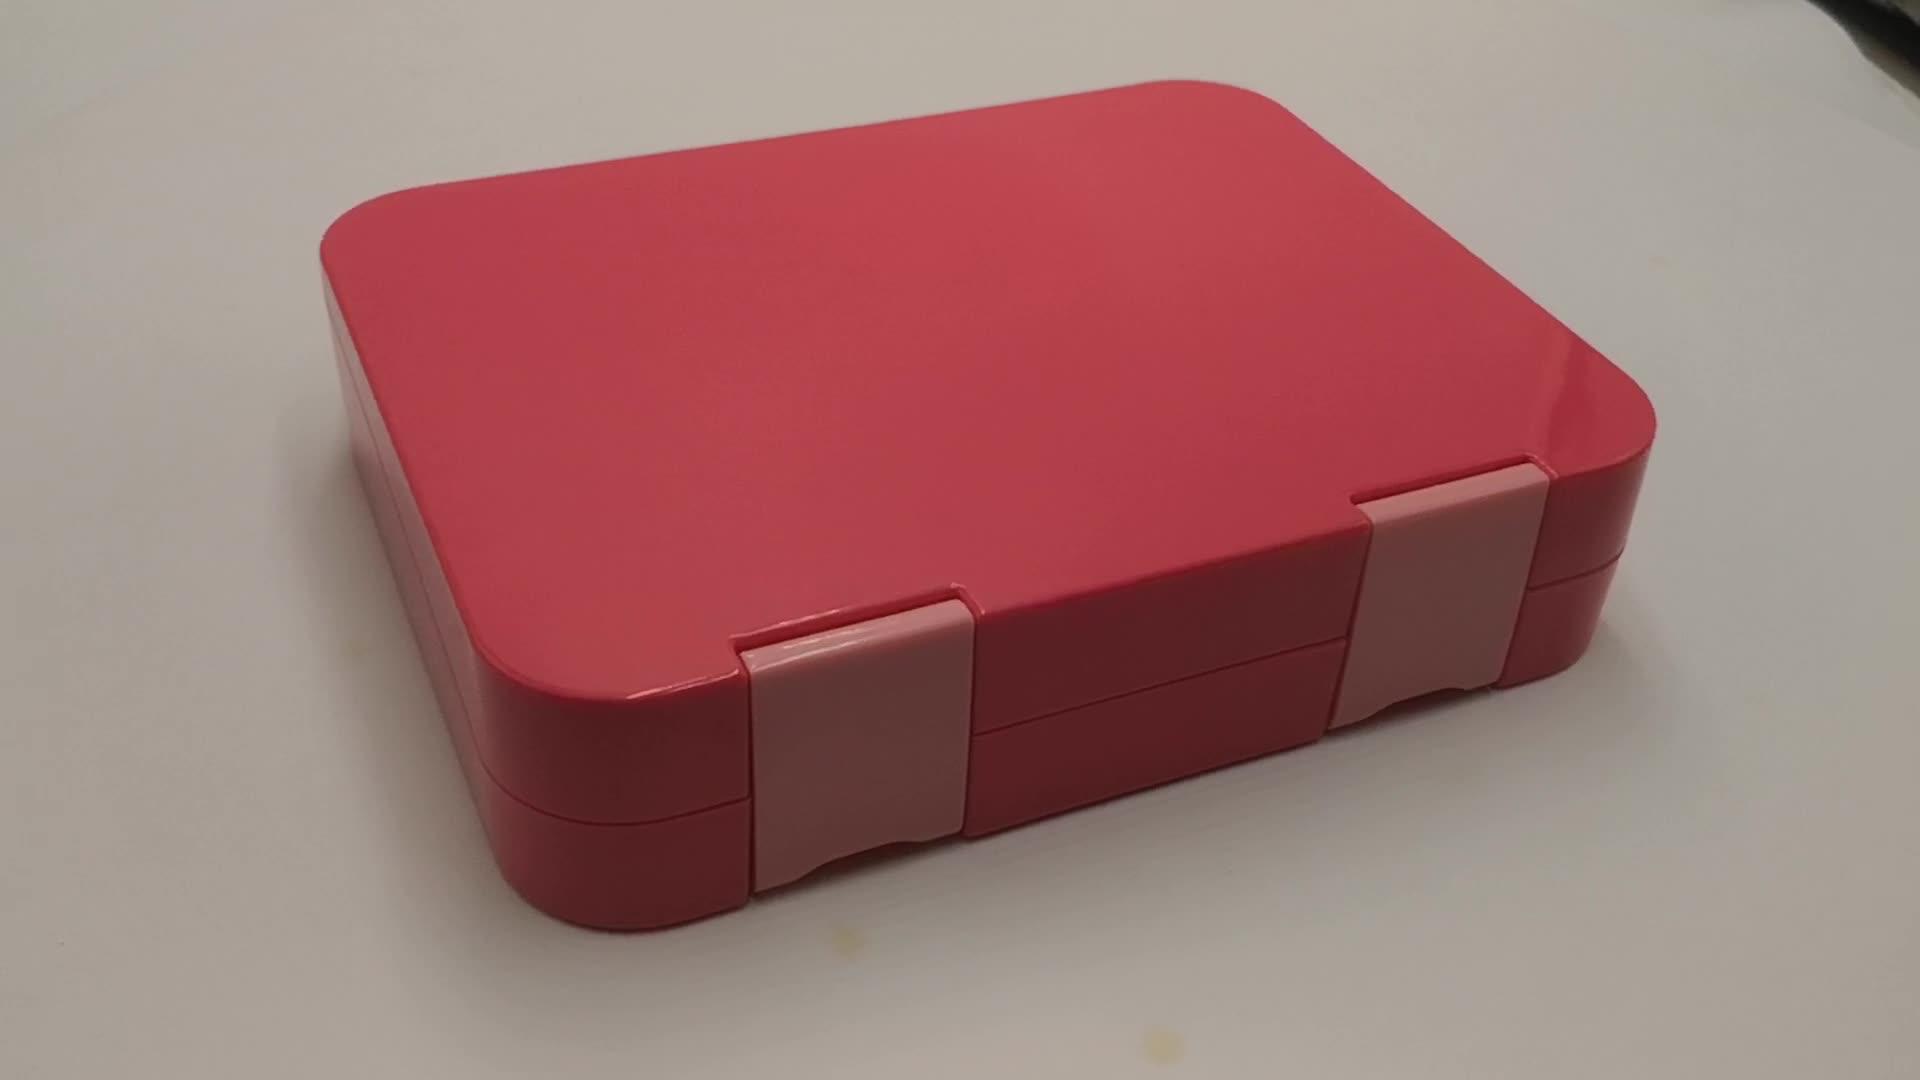 공장 도매 식품 저장 용기 전자 레인지 6 구획 플라스틱 도시락 상자